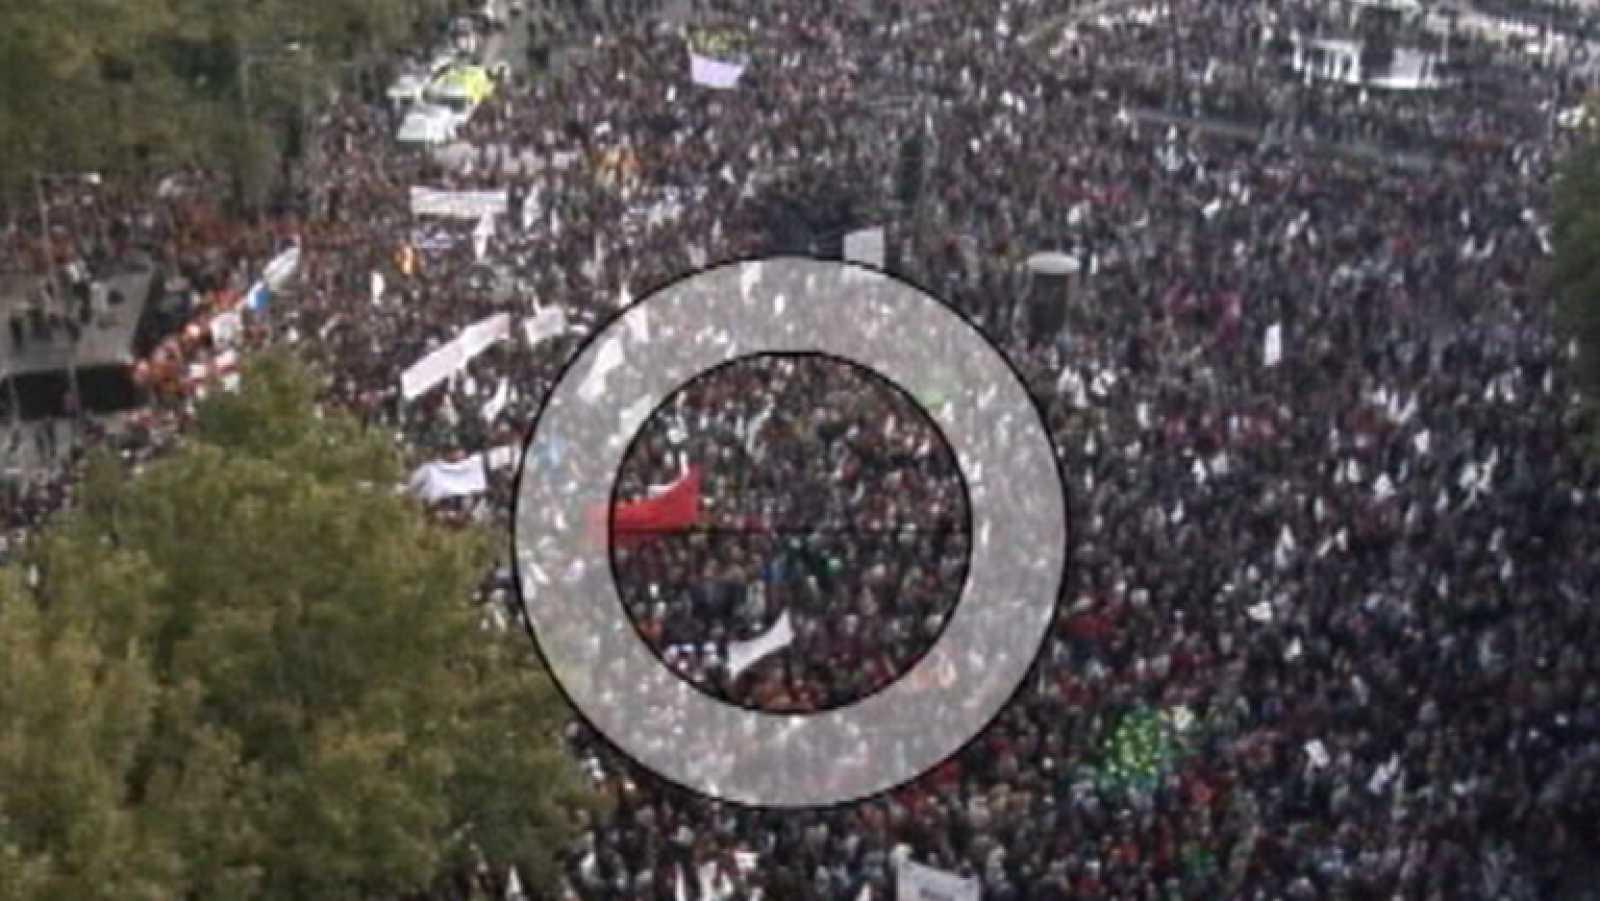 La empresa Lynce patentó un método para contar a todas las personas de una manifestación